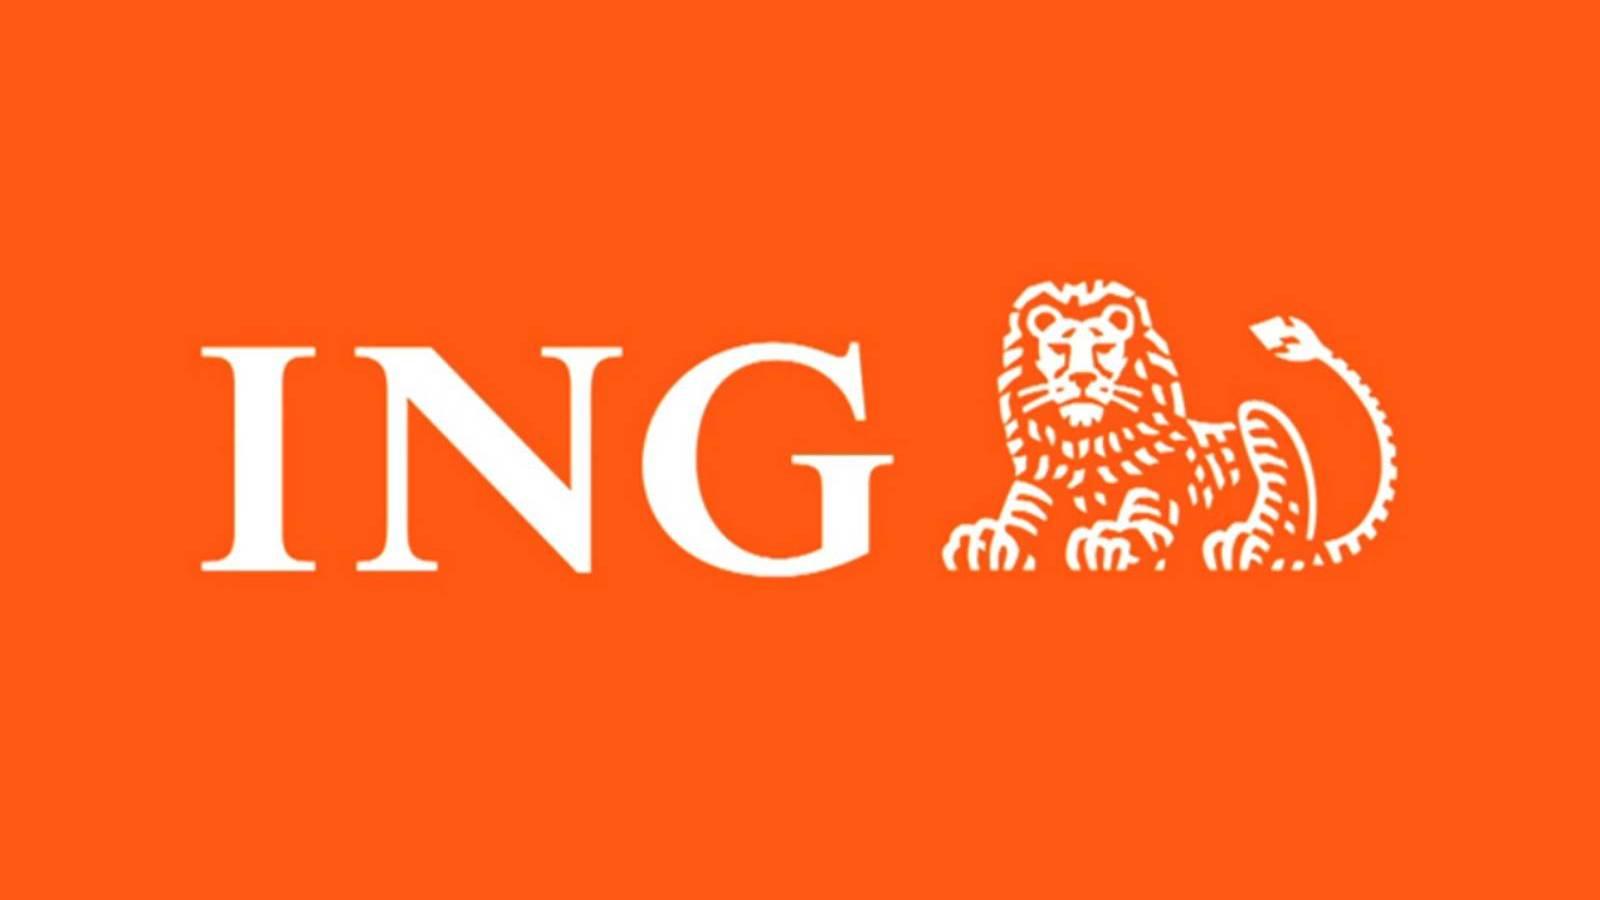 ING Bank intrebare